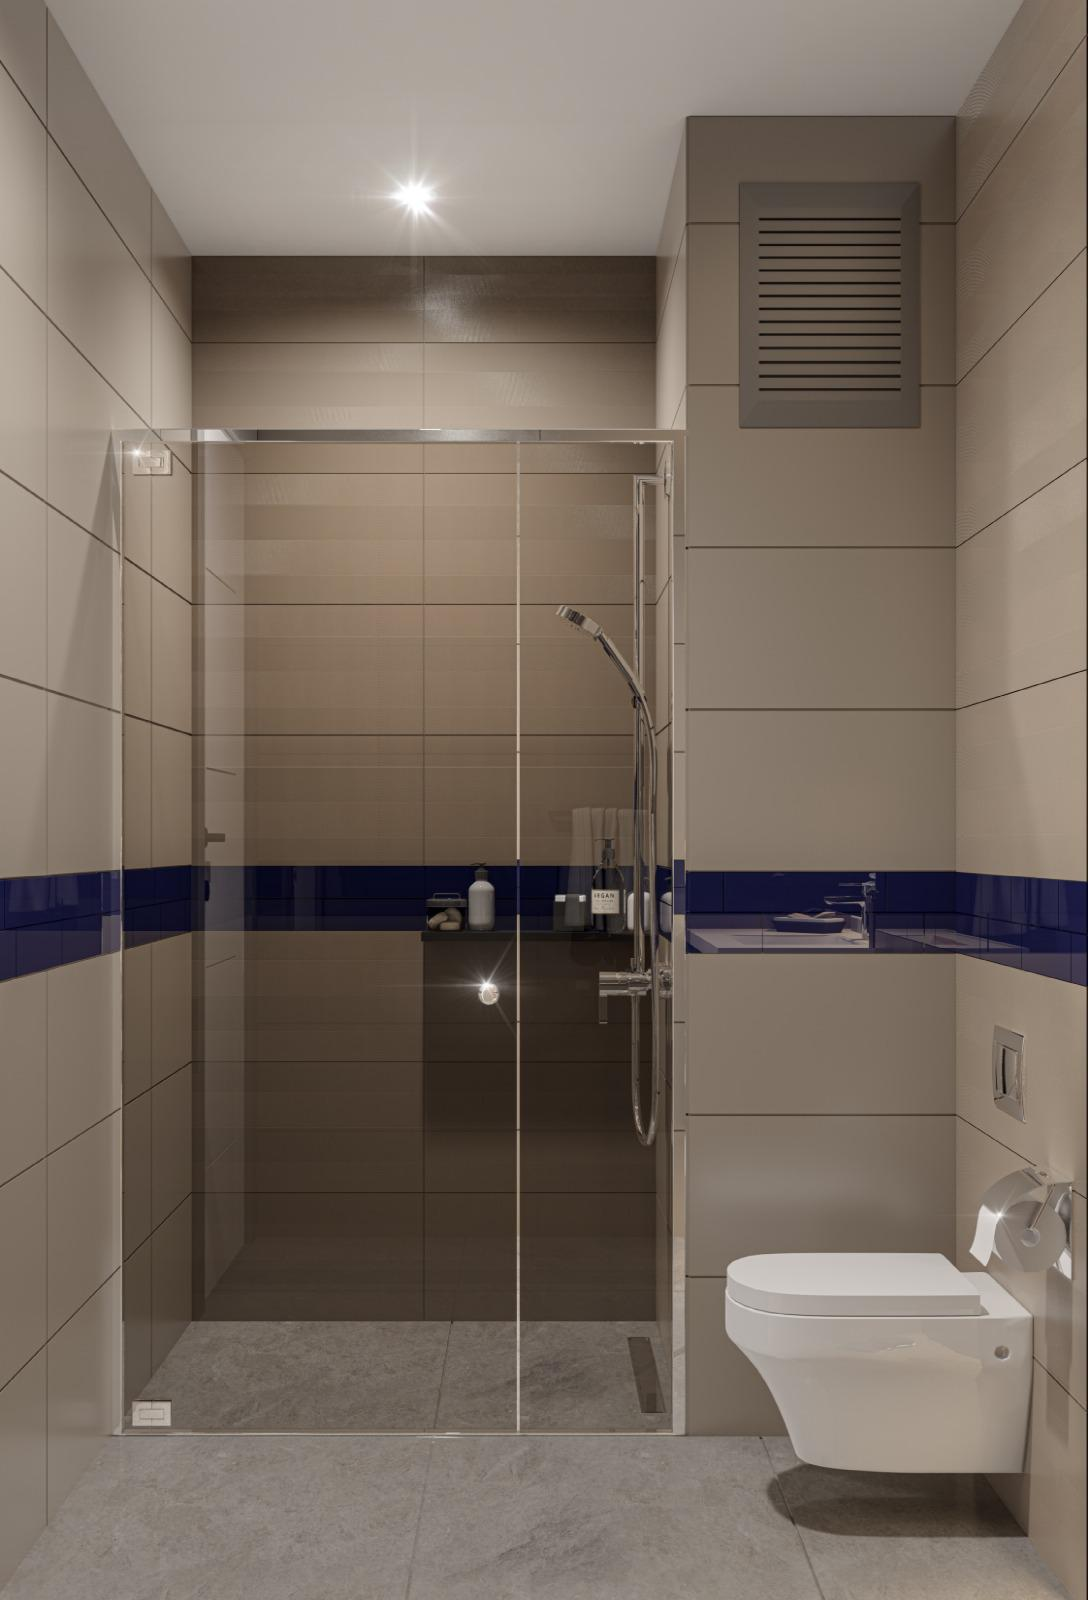 Инвестиционный проект жилого комплекса в Анталье - Фото 11